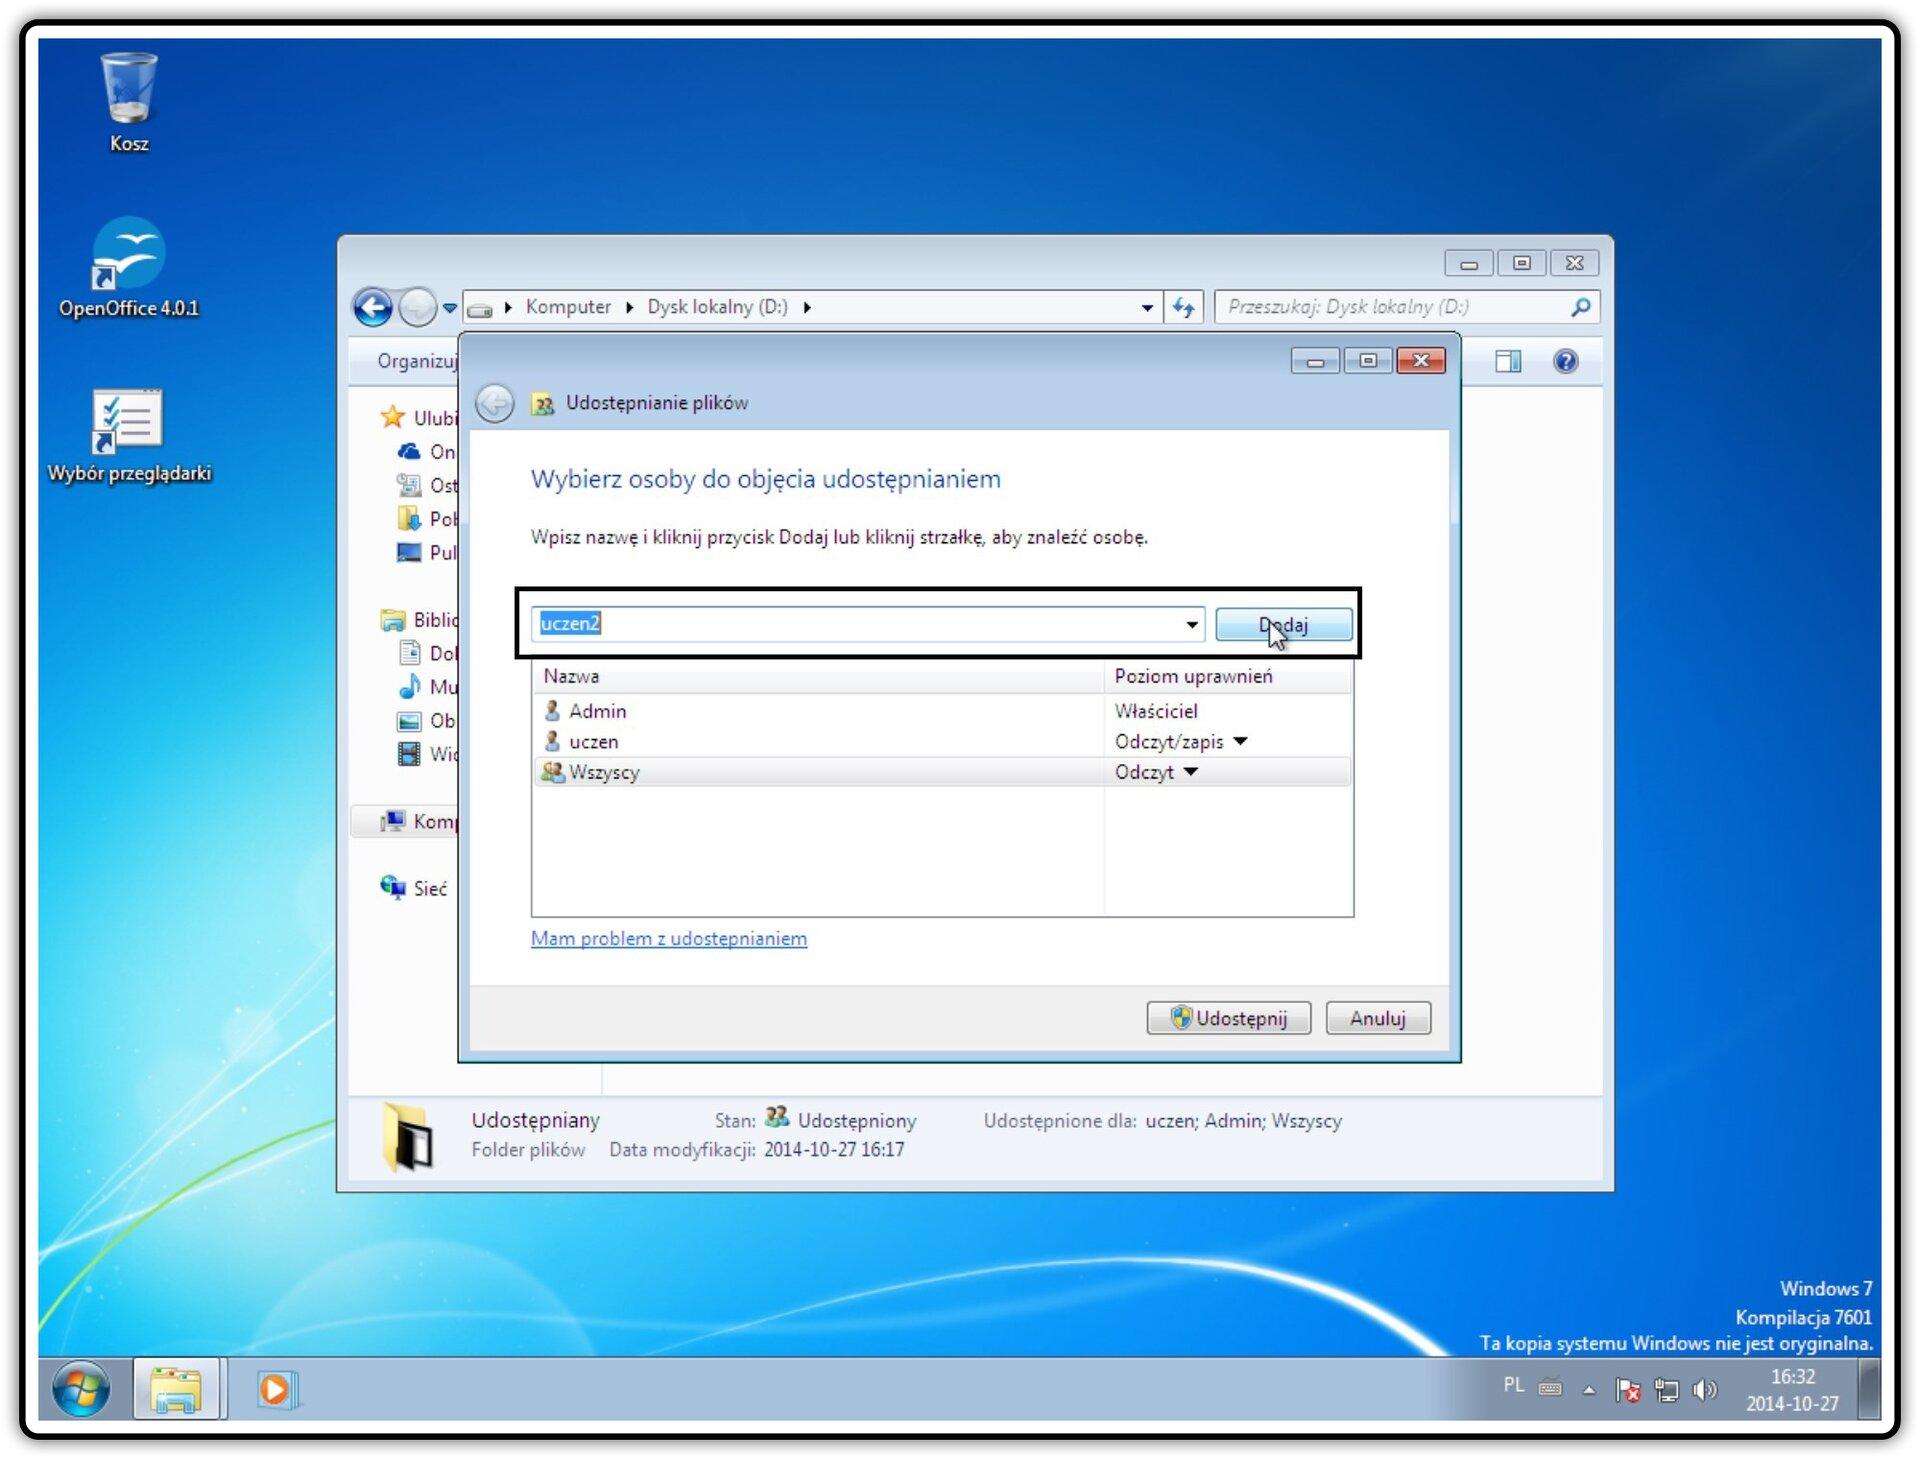 Ilustracja przedstawiająca: Krok 1 udostępniania zasobów wybranym użytkownikom sieciowych wsystemie Window